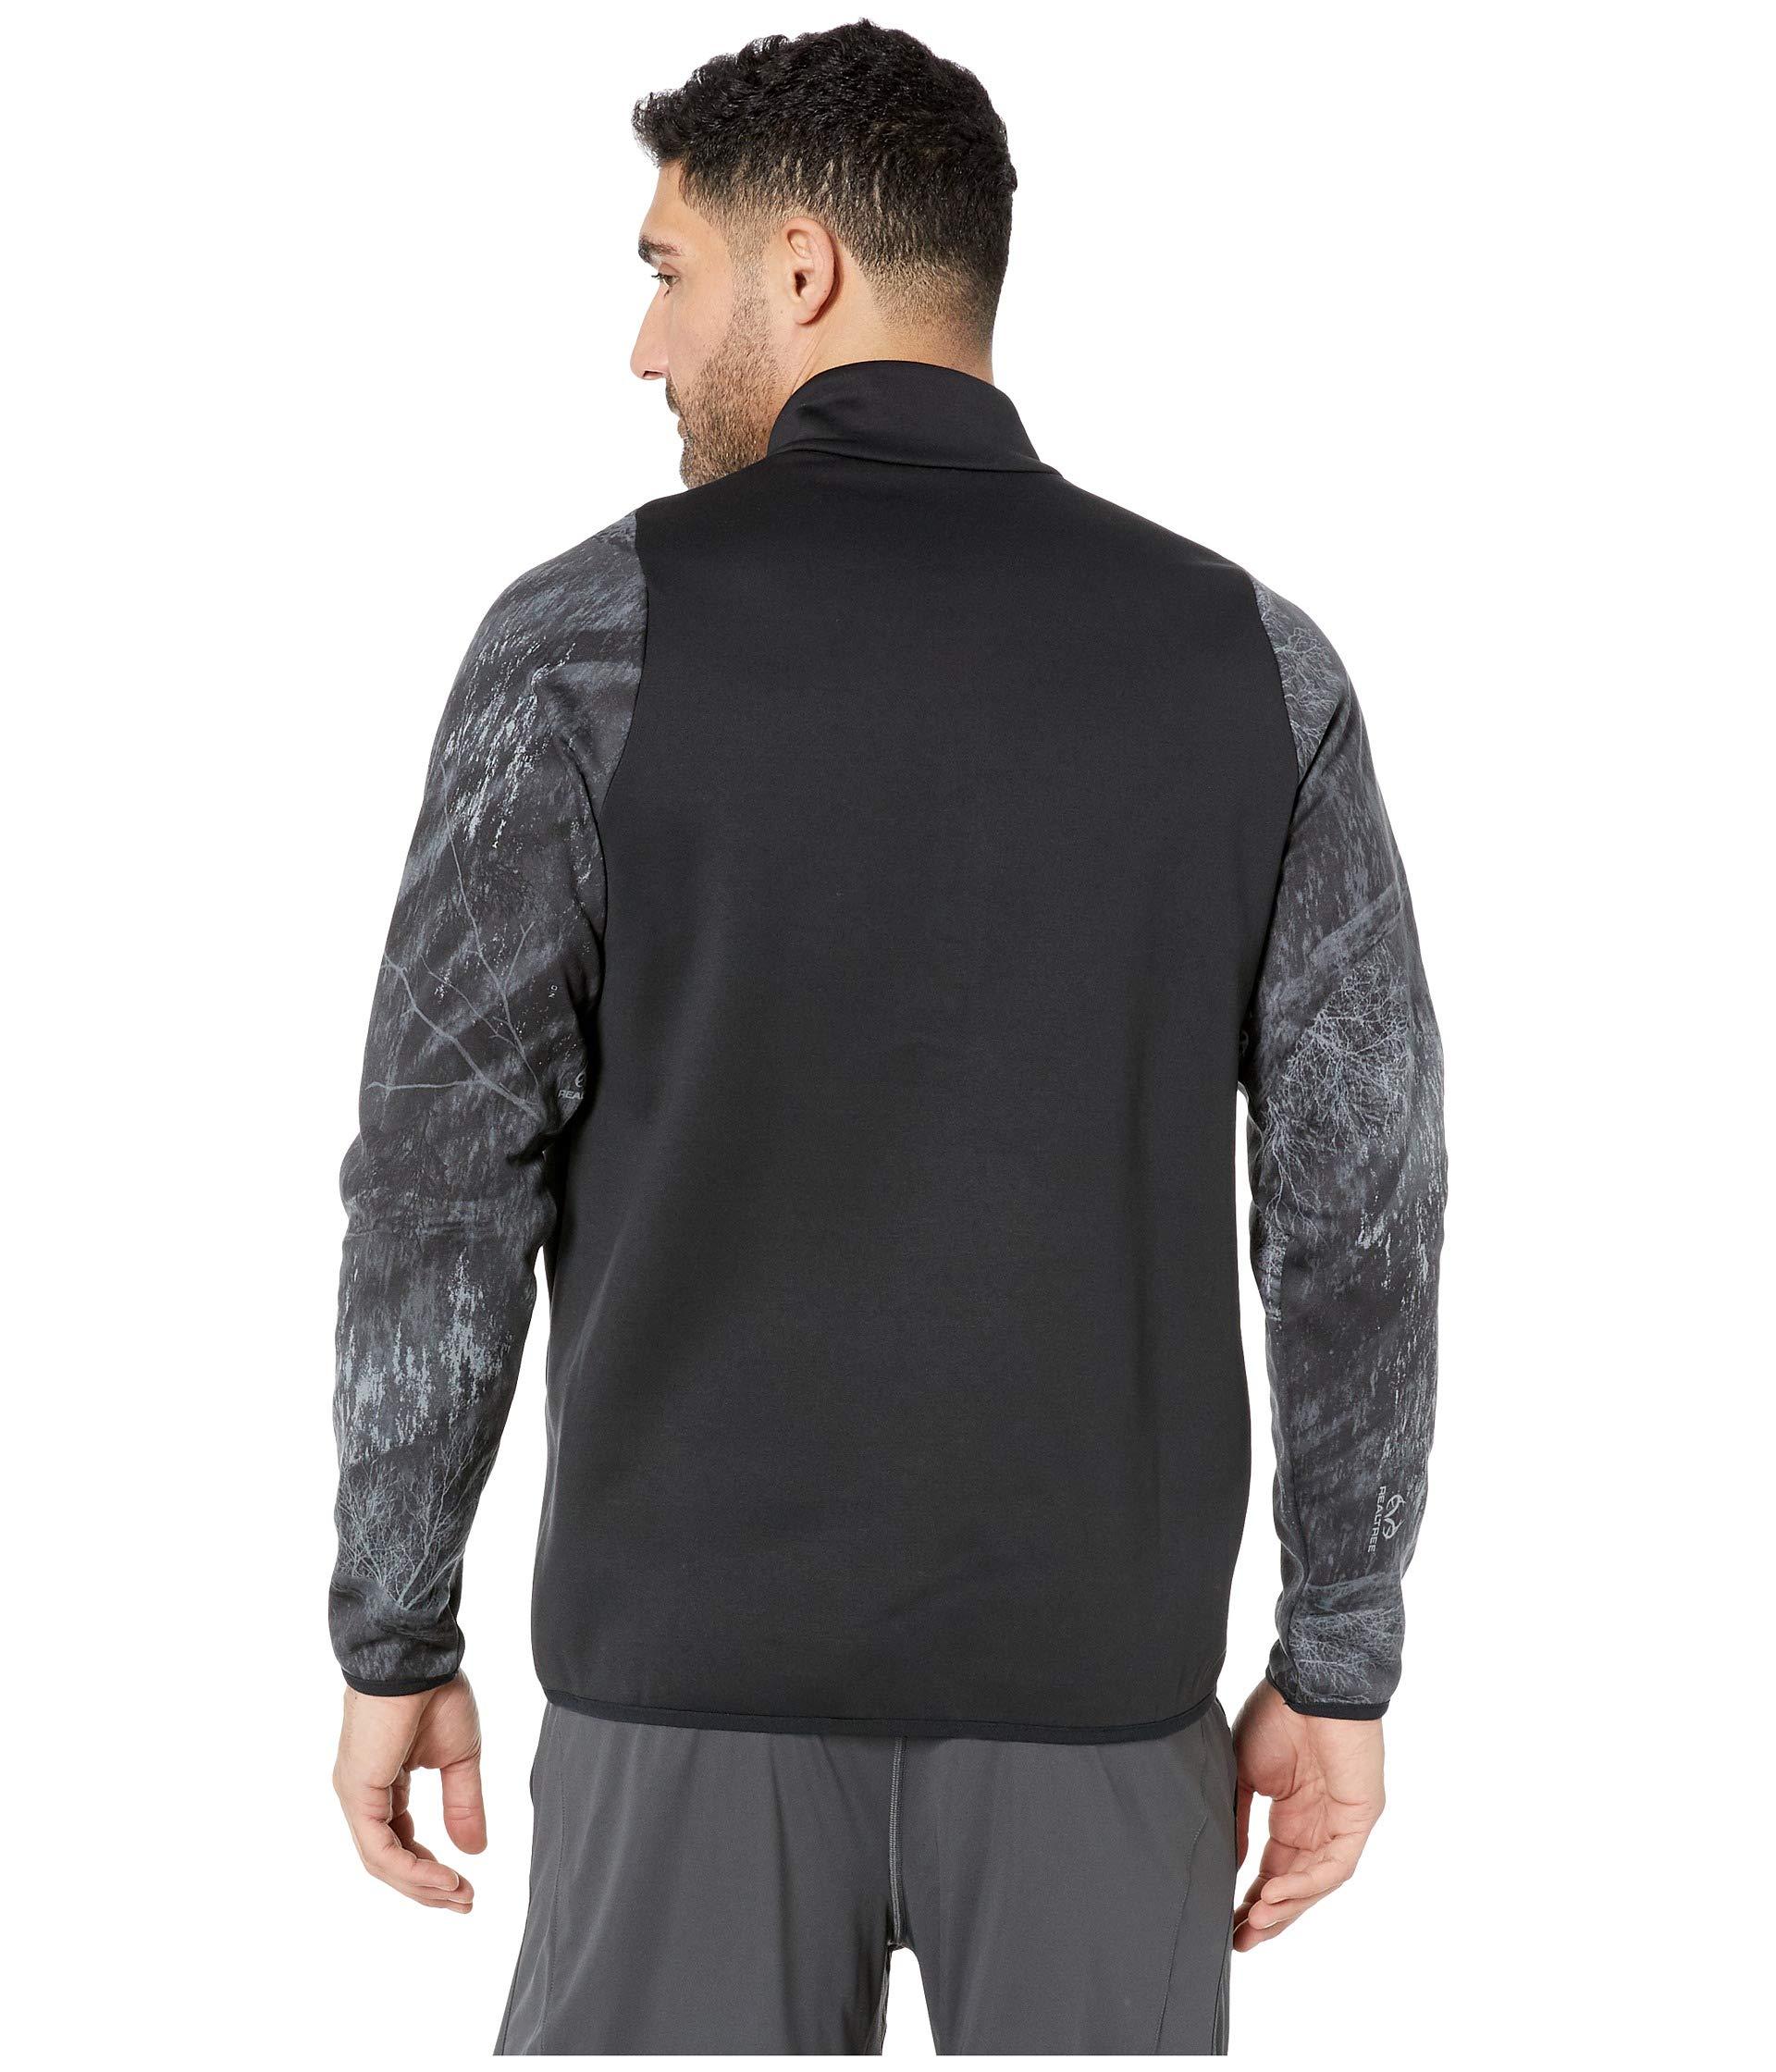 Therma Long 4 Special 1 dark Grey Nike Forces Top Sleeve Black Zip EpwH7Wqdf